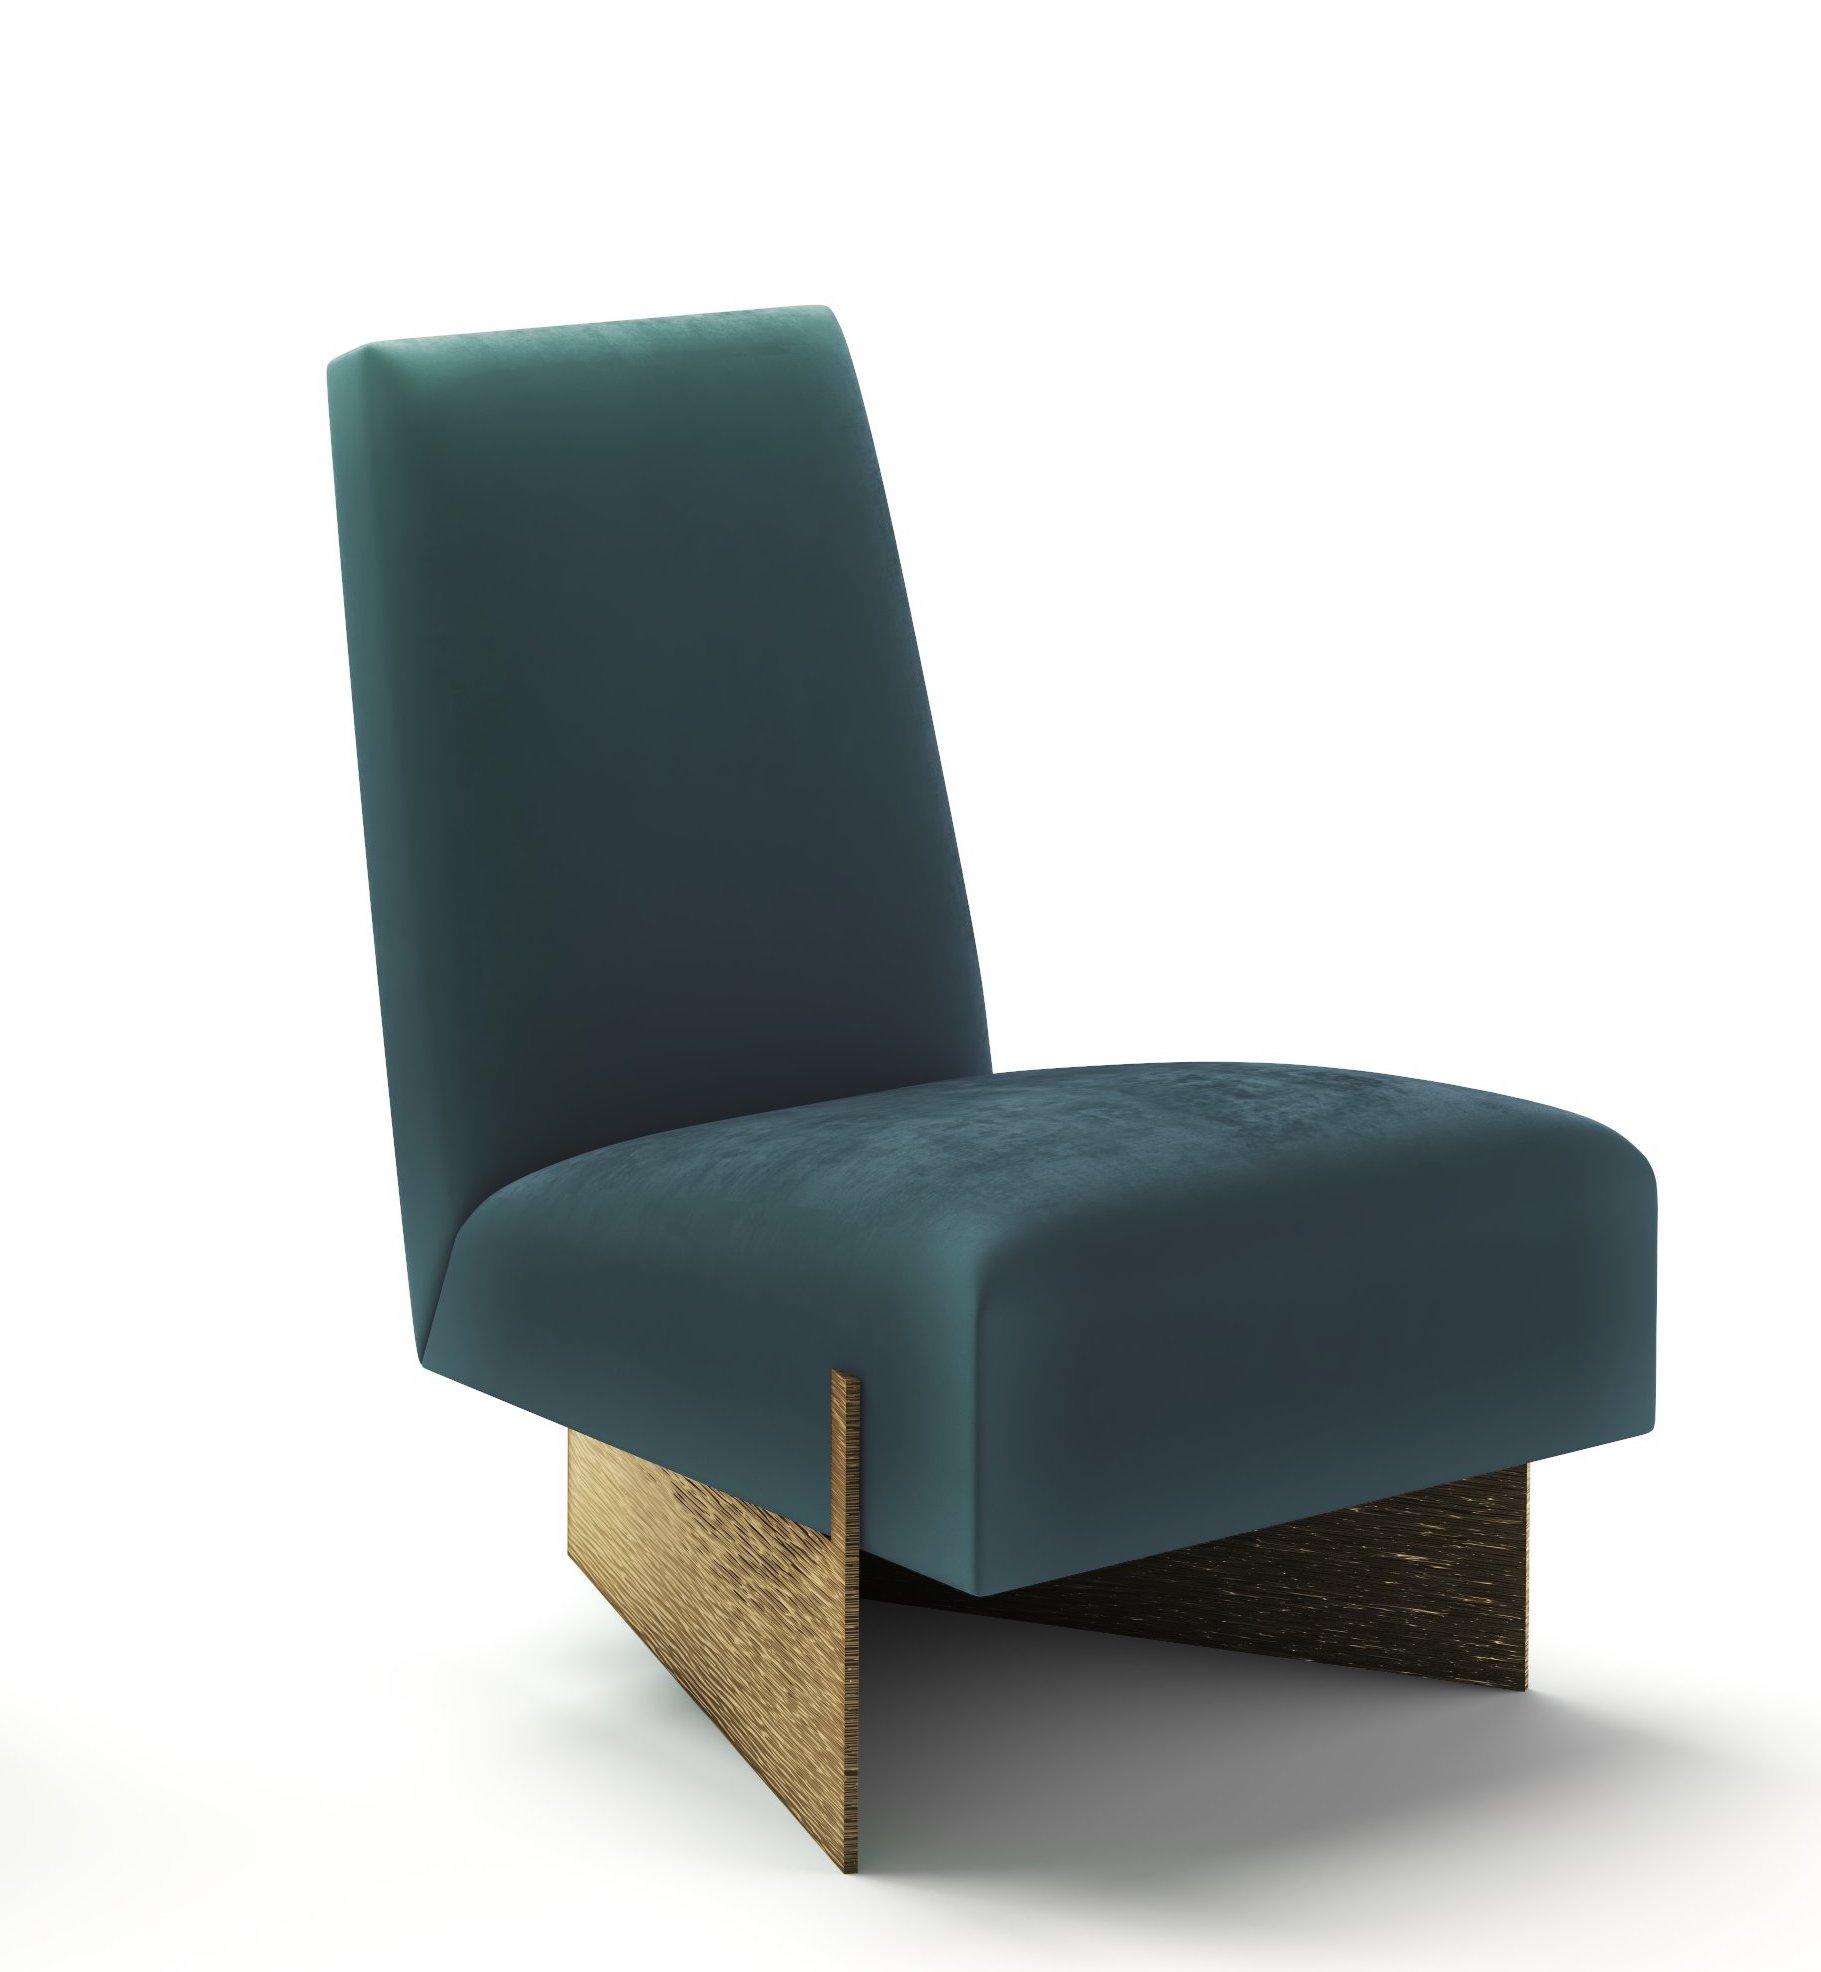 Rawan Isaac Aria chair